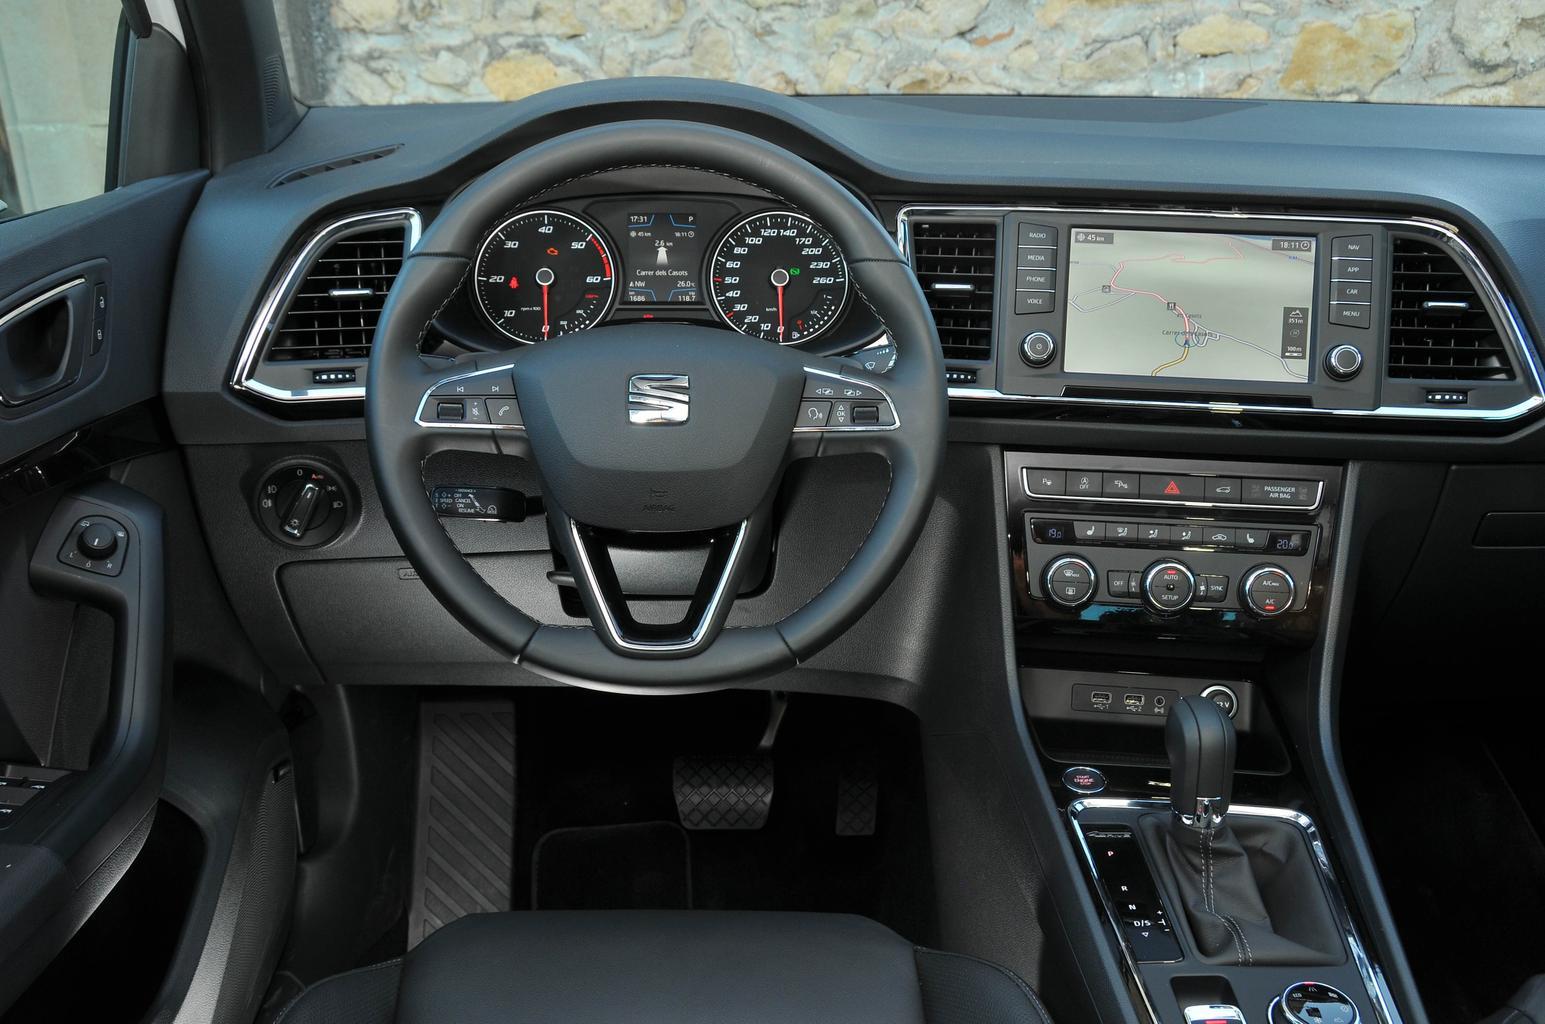 2016 Seat Ateca 2.0 TDI 150 review